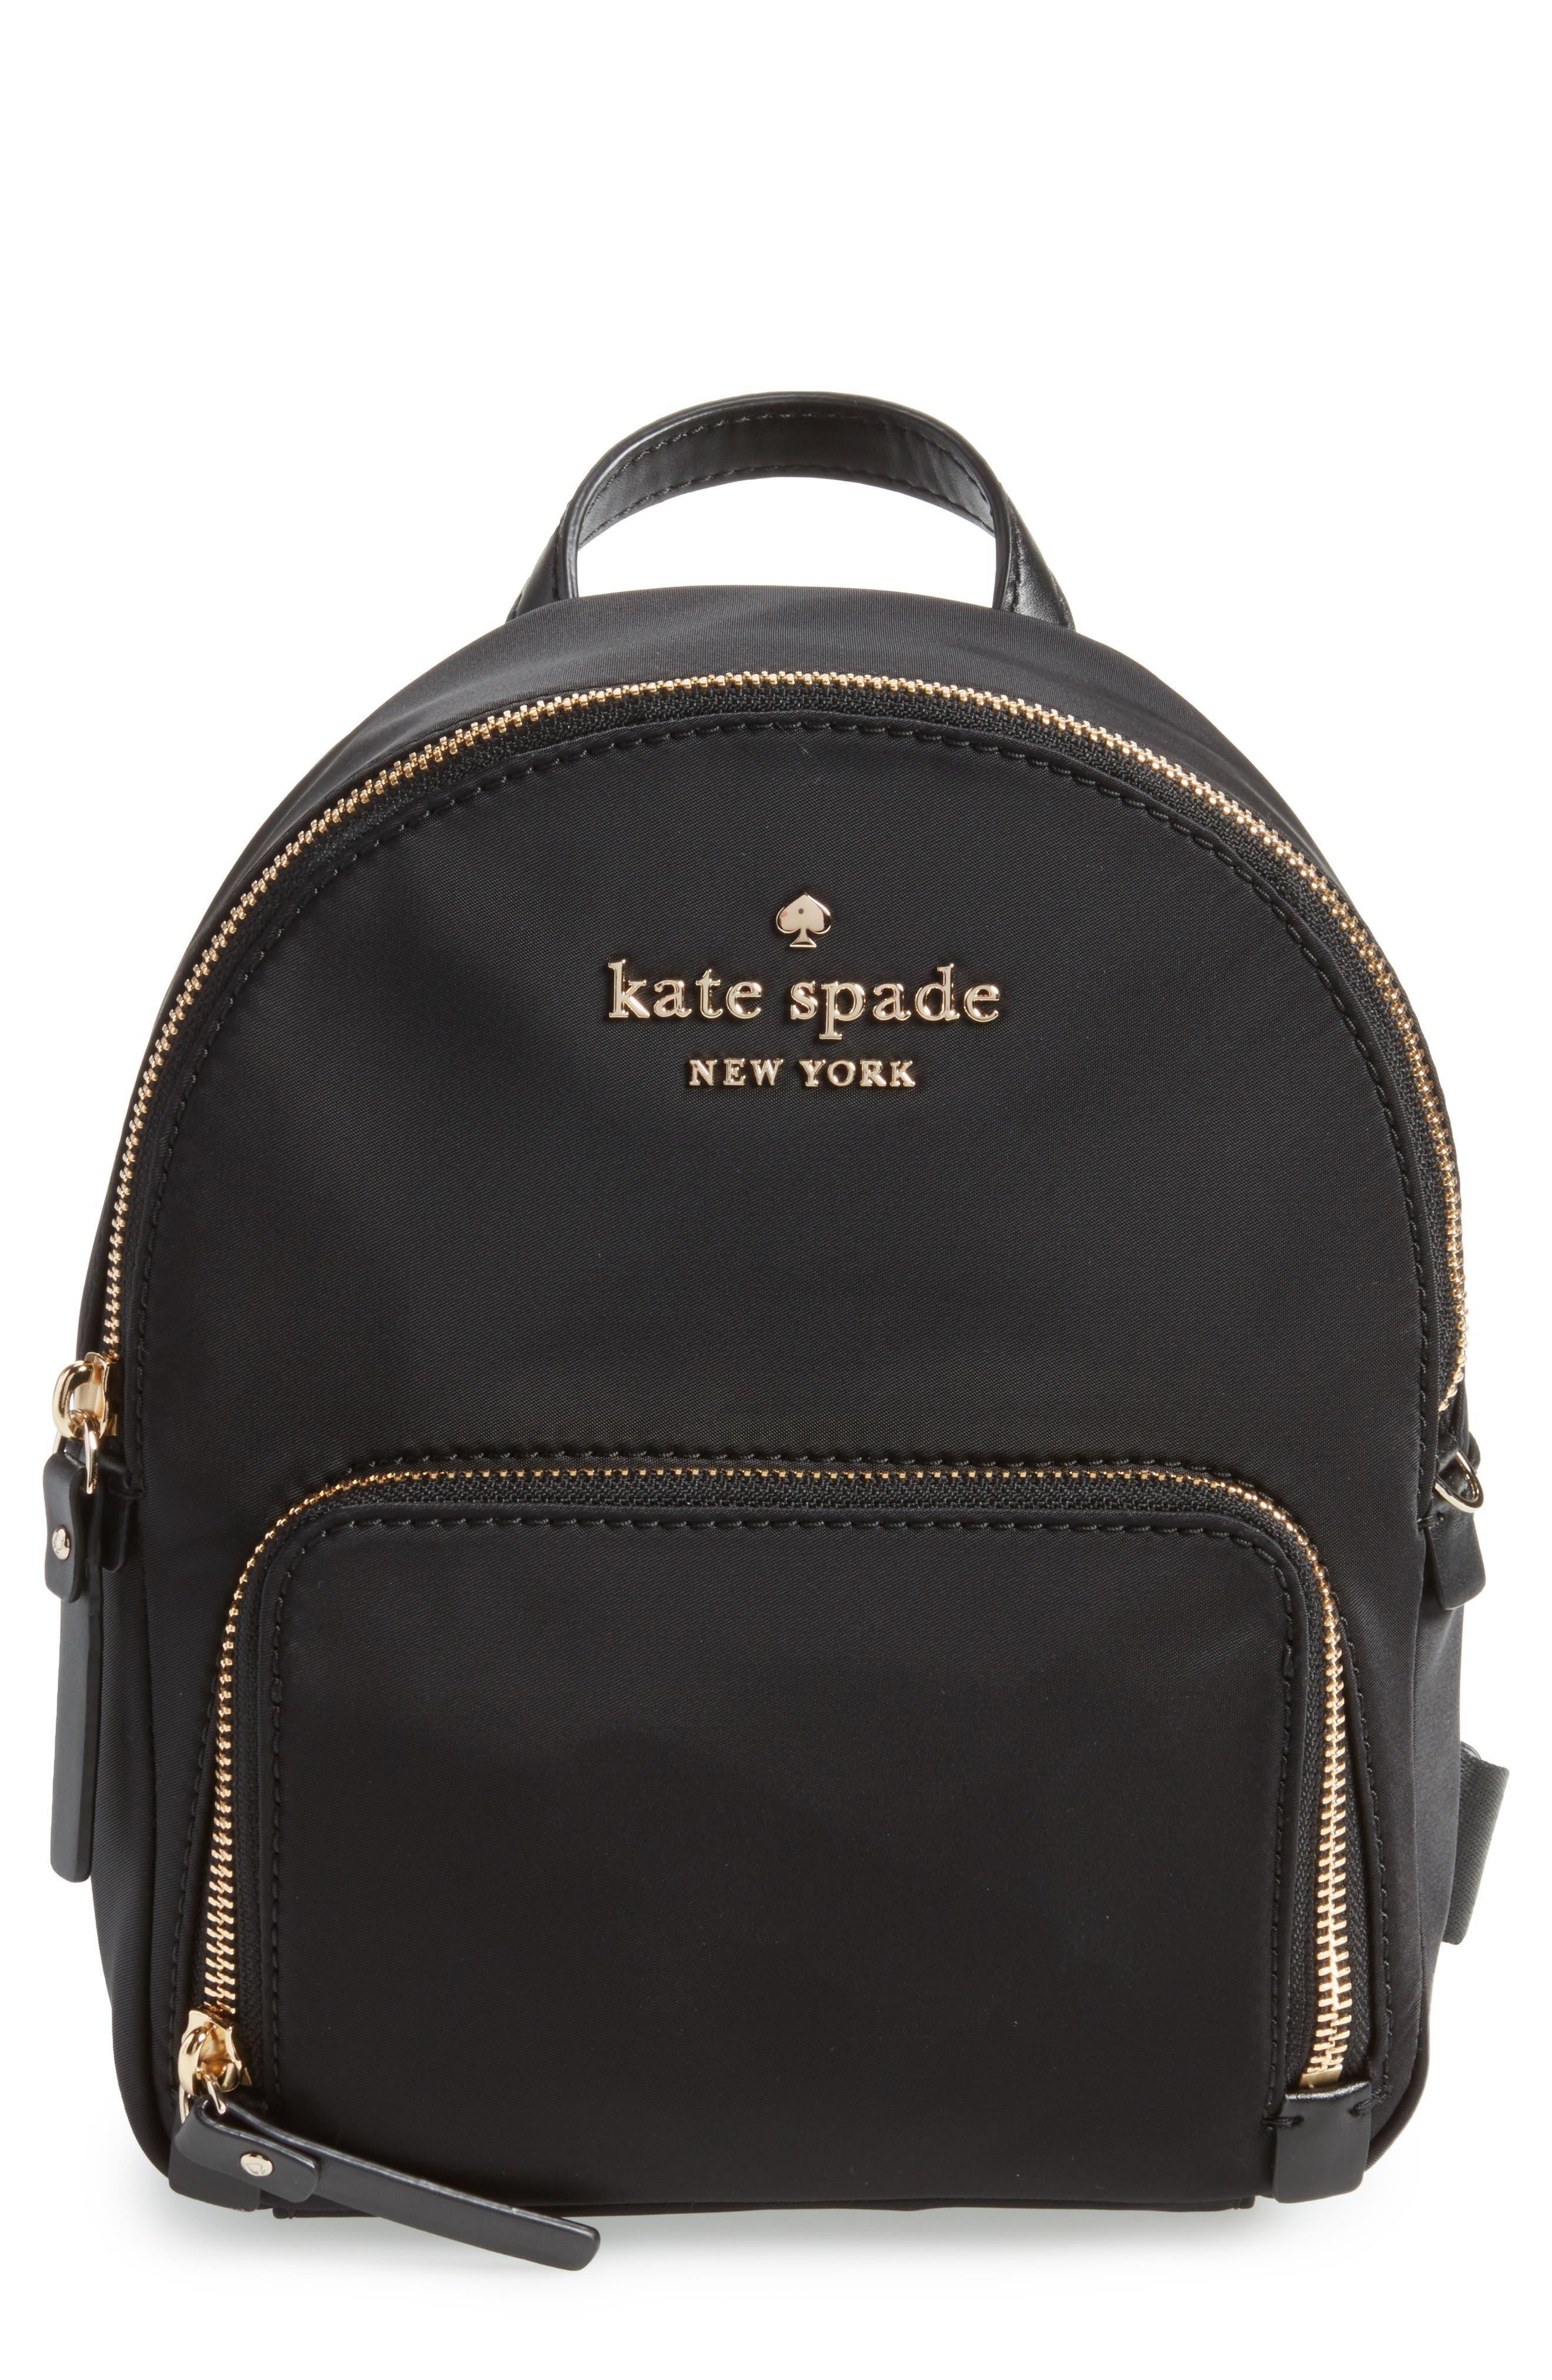 watson lane - small hartley nylon backpack, Main, color, BLACK